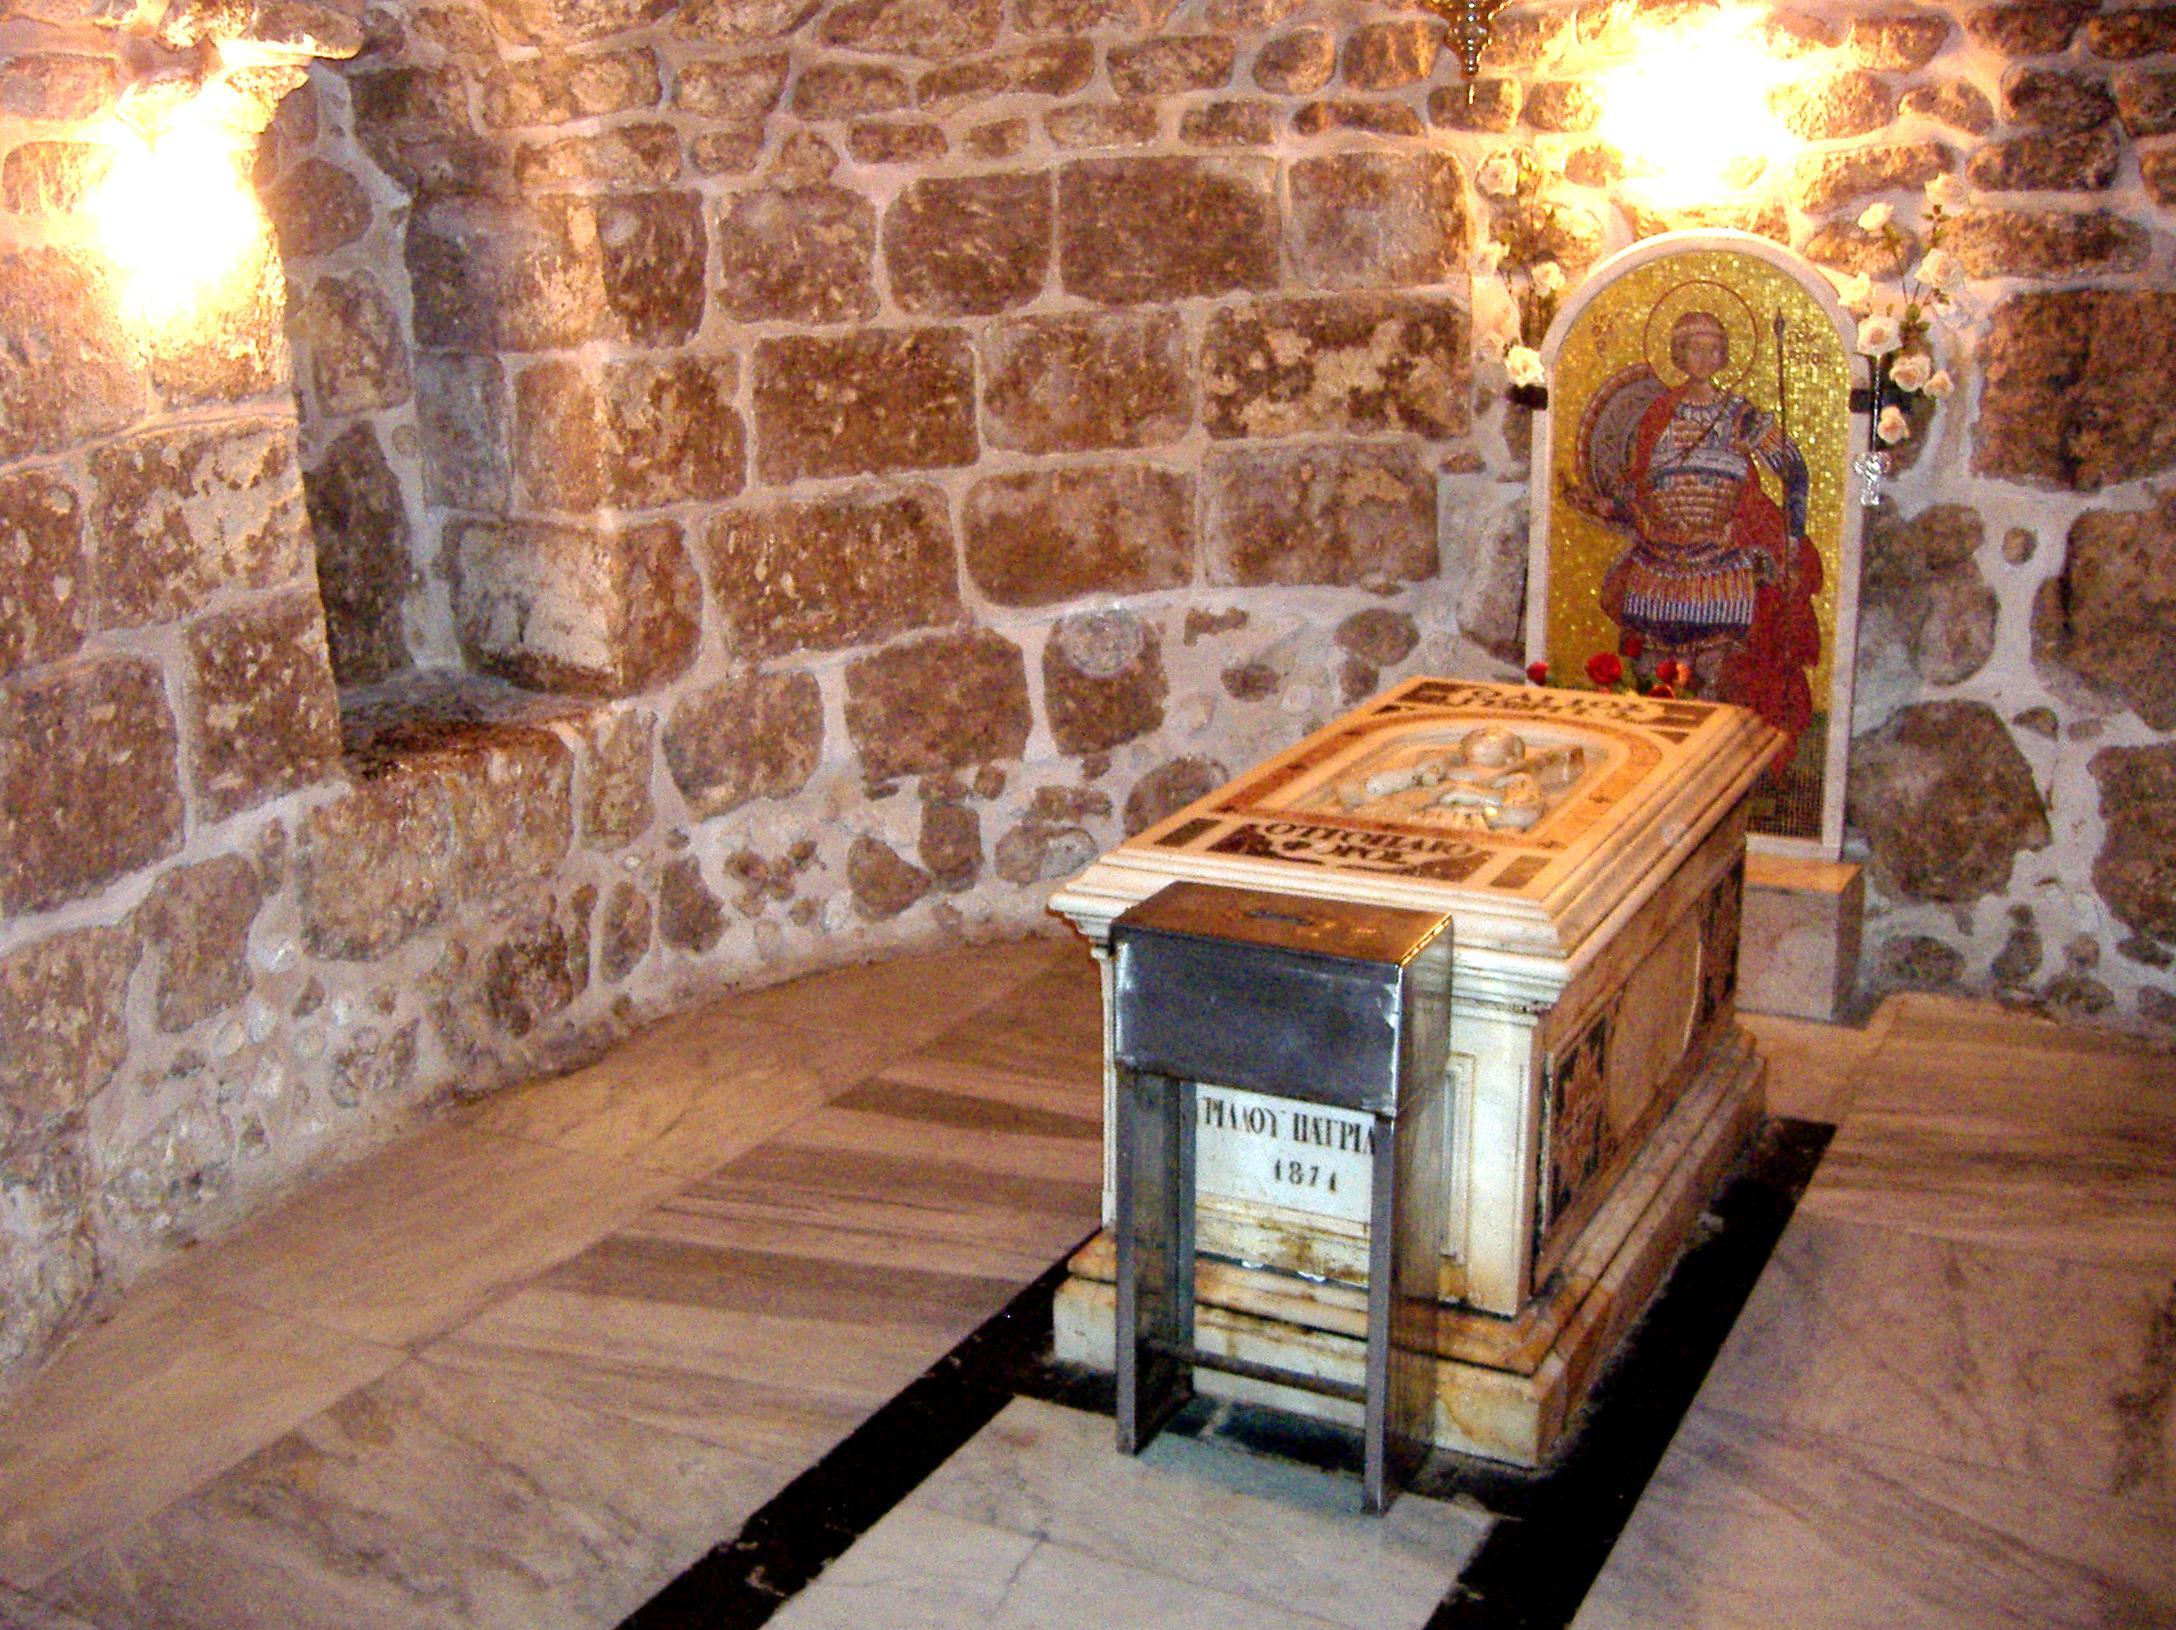 Αποτέλεσμα εικόνας για Ανακομιδή των Ιερών Λειψάνων του Αγίου Γεωργίου του Μεγαλομάρτυρα και Τροπαιοφόρου και Ανάμνηση εγκαινίων του Ναού του στη Λύδδα της Ιόππης